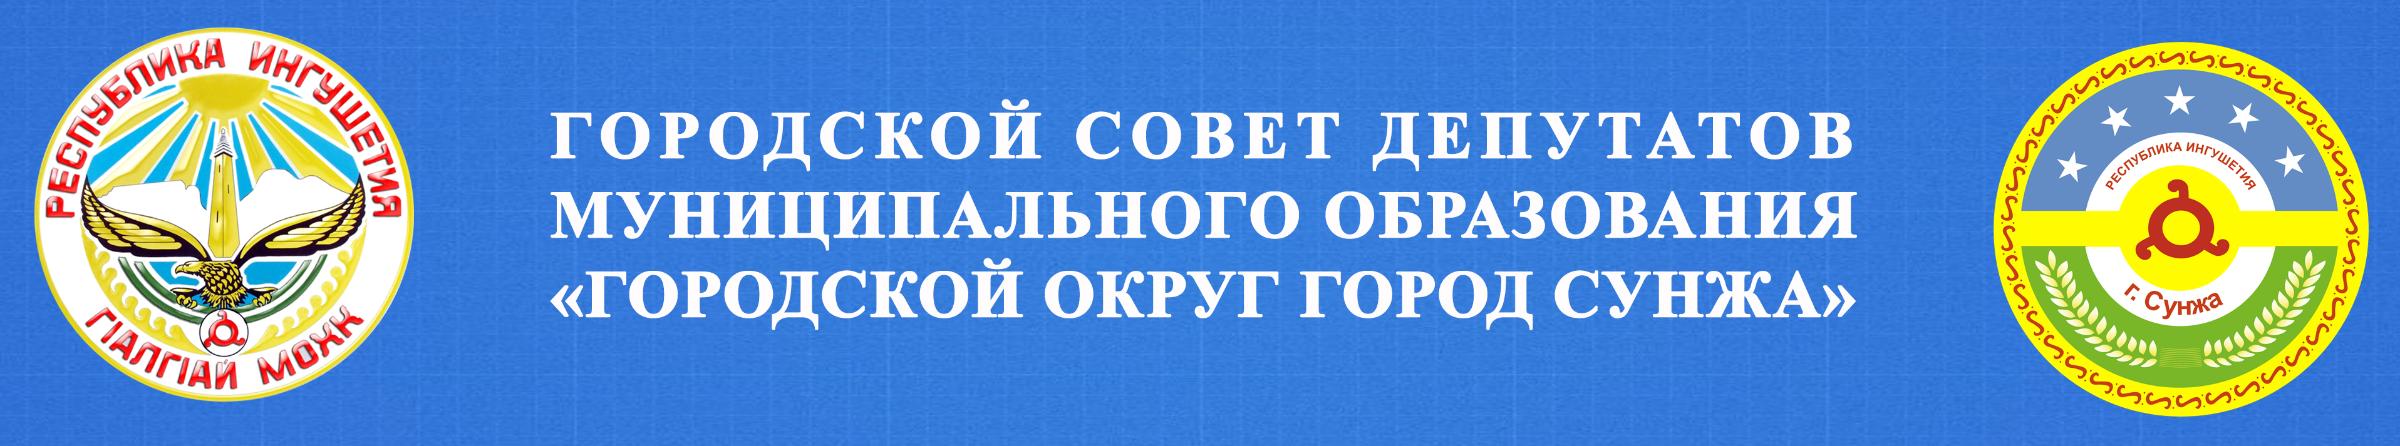 """Городской Совет депутатов """"Городской округ город Сунжа"""""""